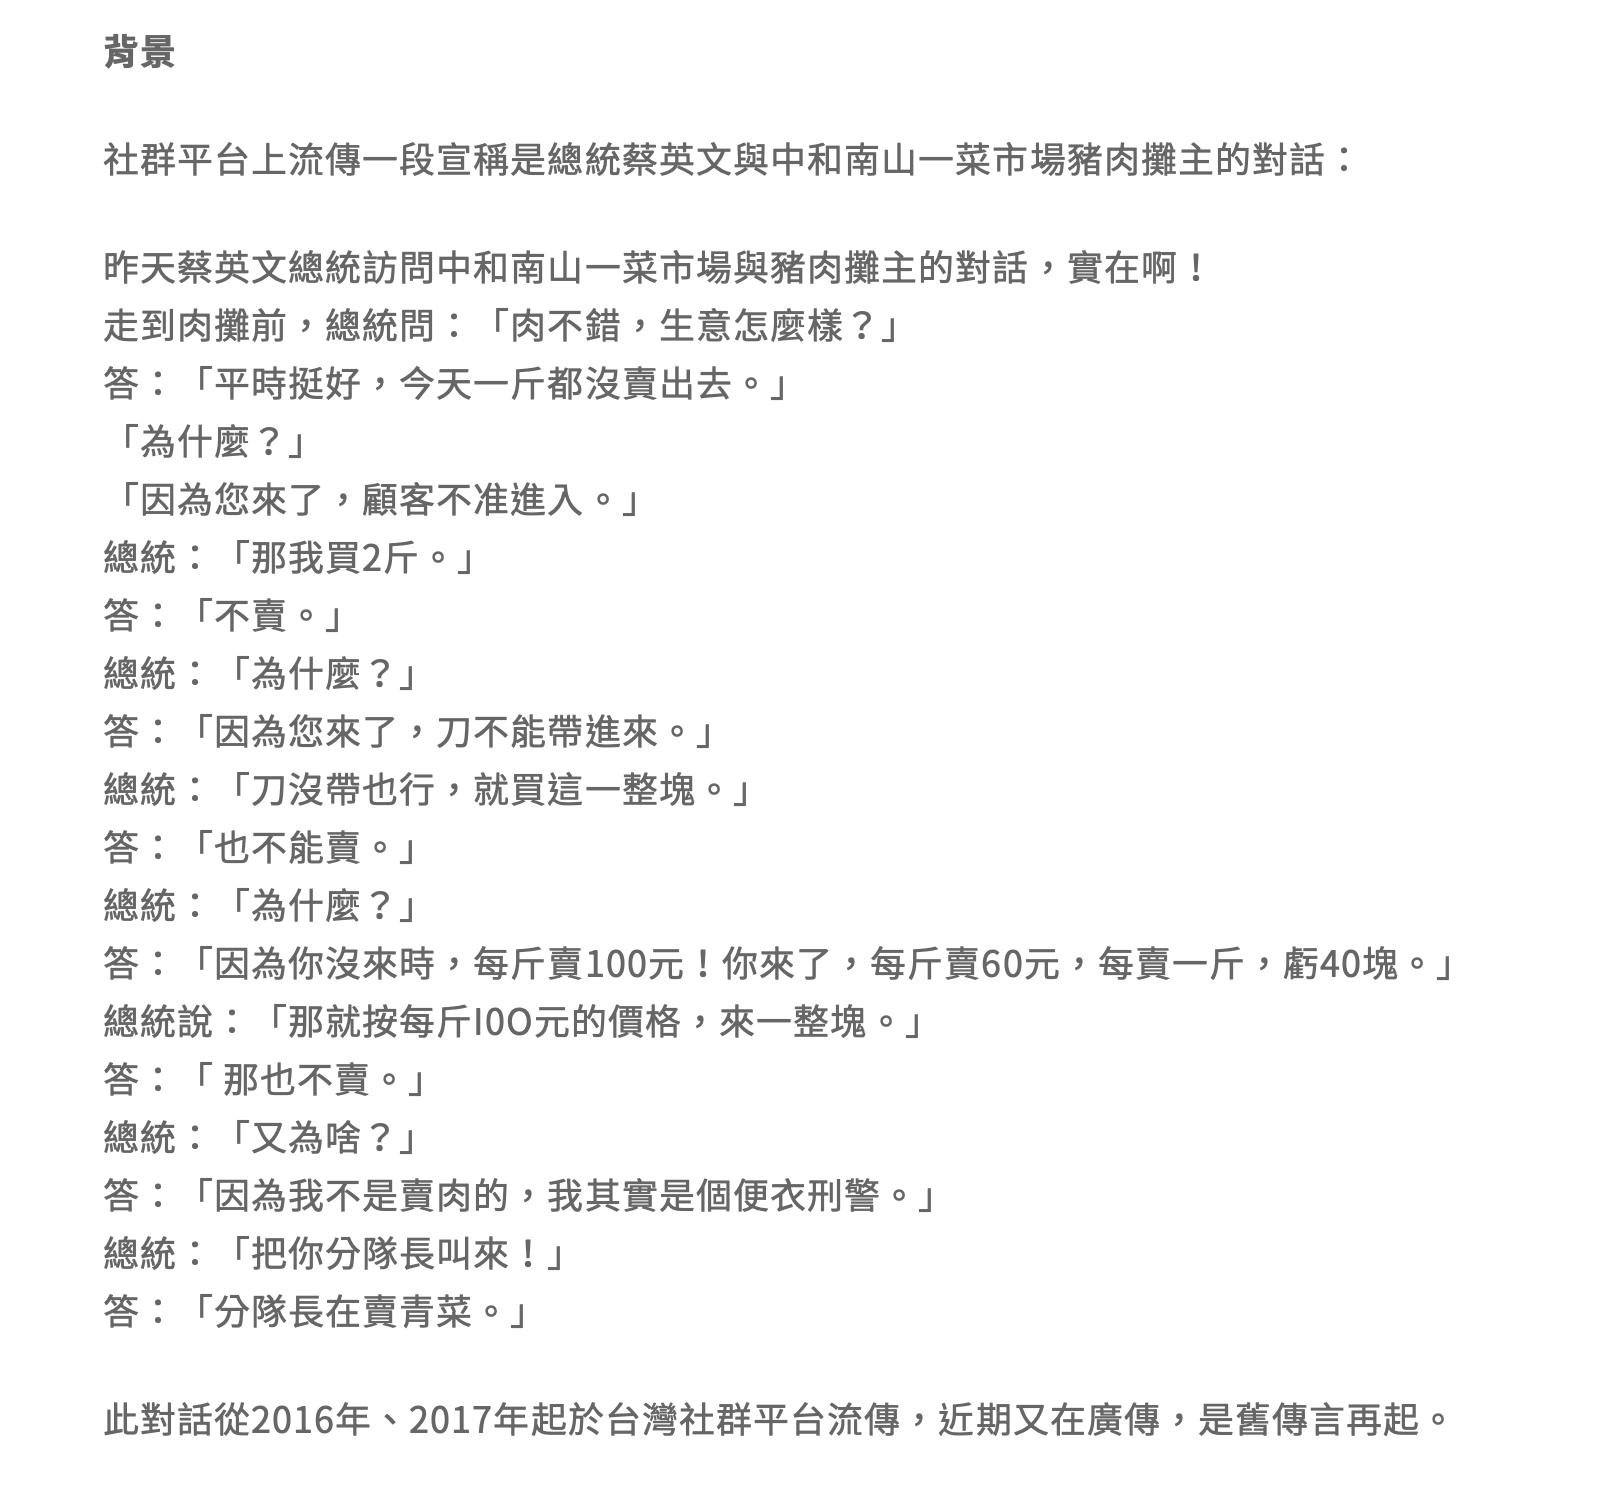 网上散播蔡英文视察市场与便衣刑警伪装的猪肉摊商对话的假讯息。(截自台湾事实查核中心调查报告网页)